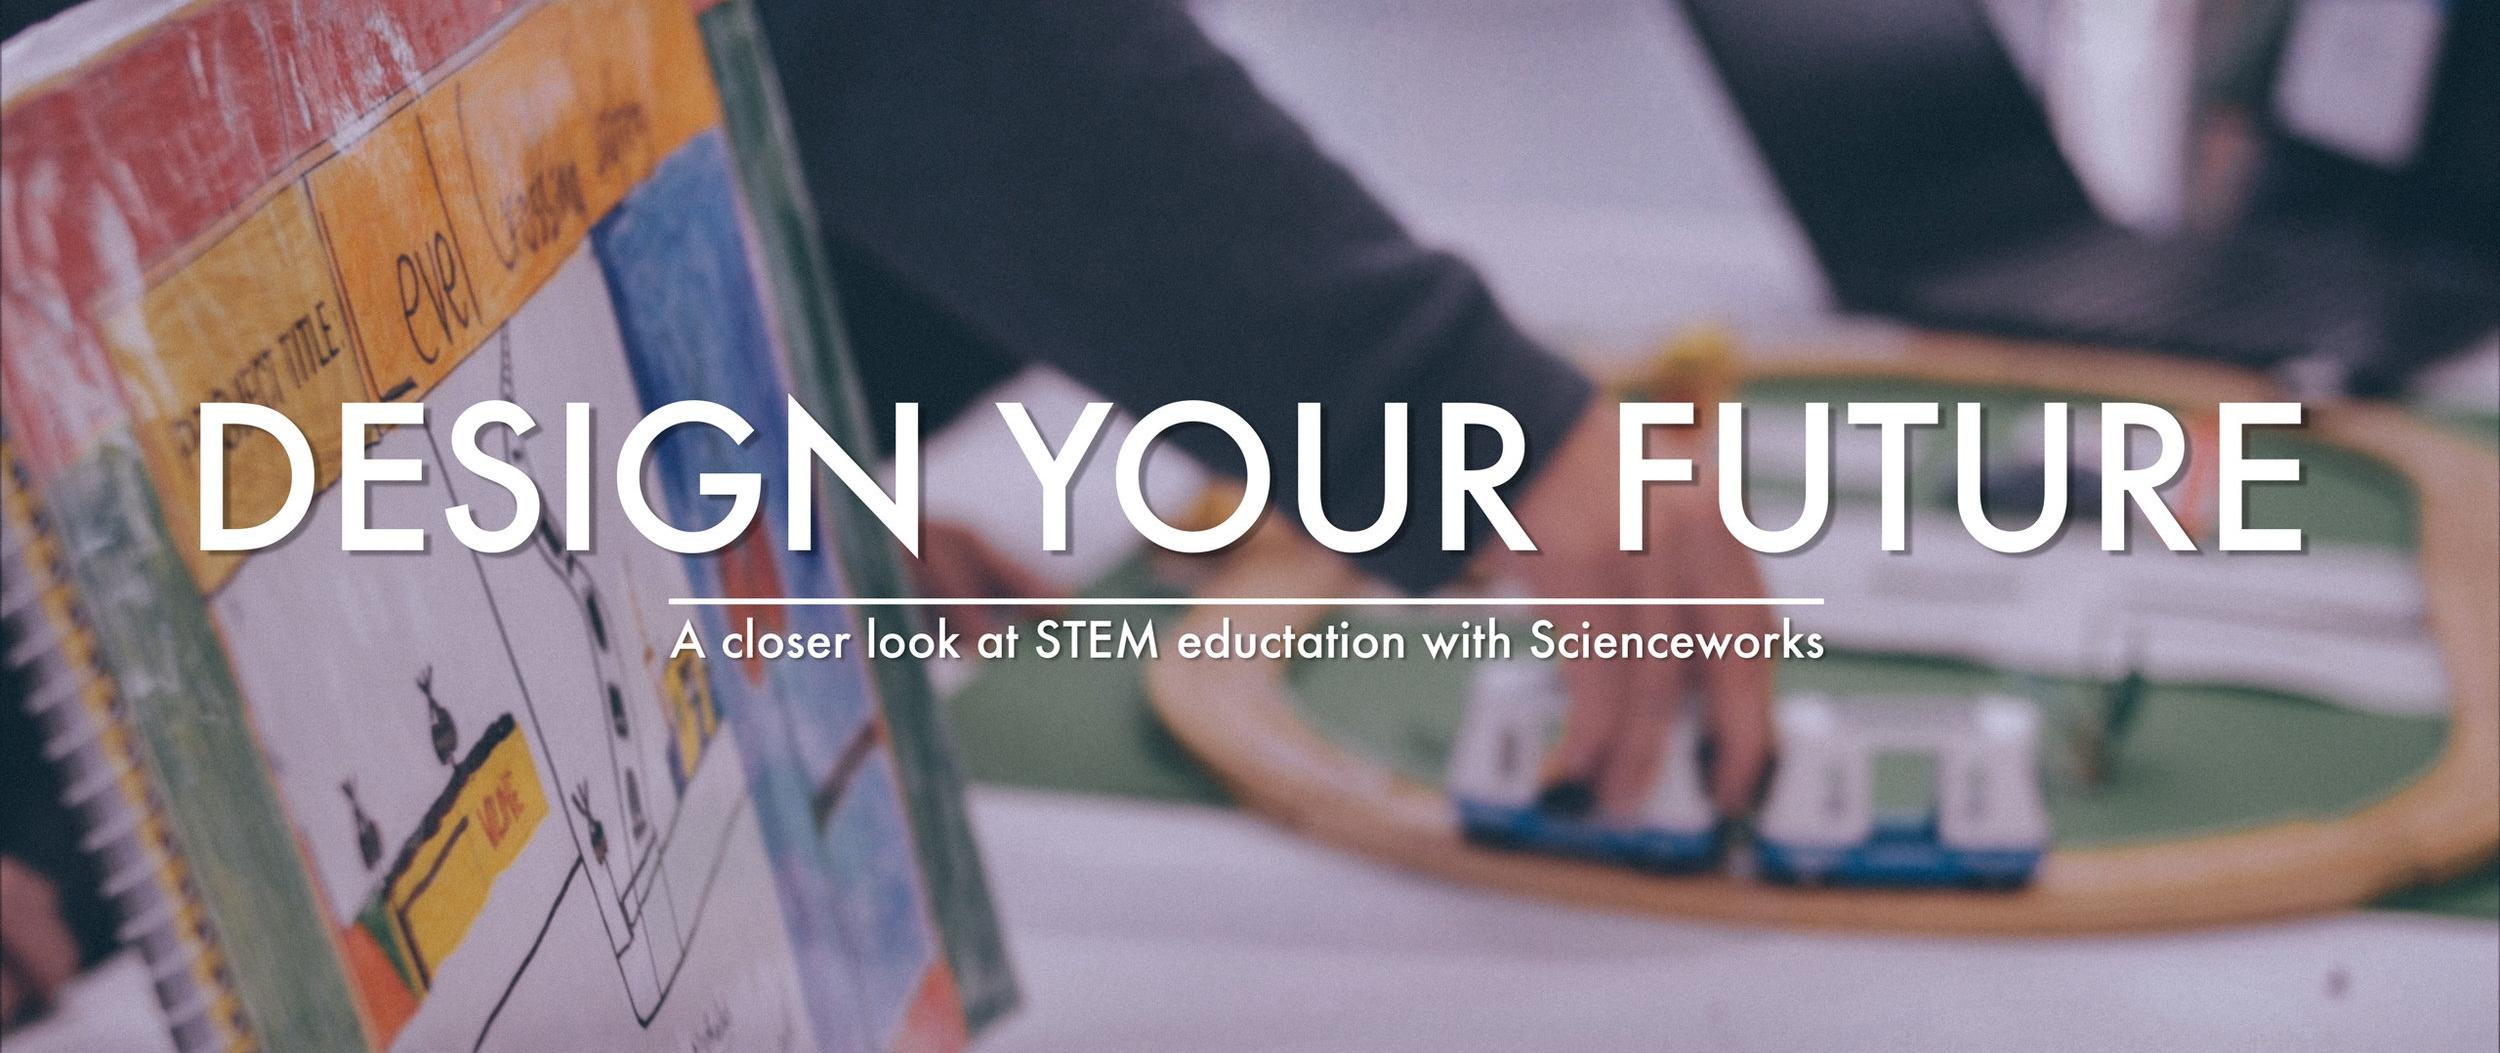 DESIGN-YOUR-FUTURE.jpg